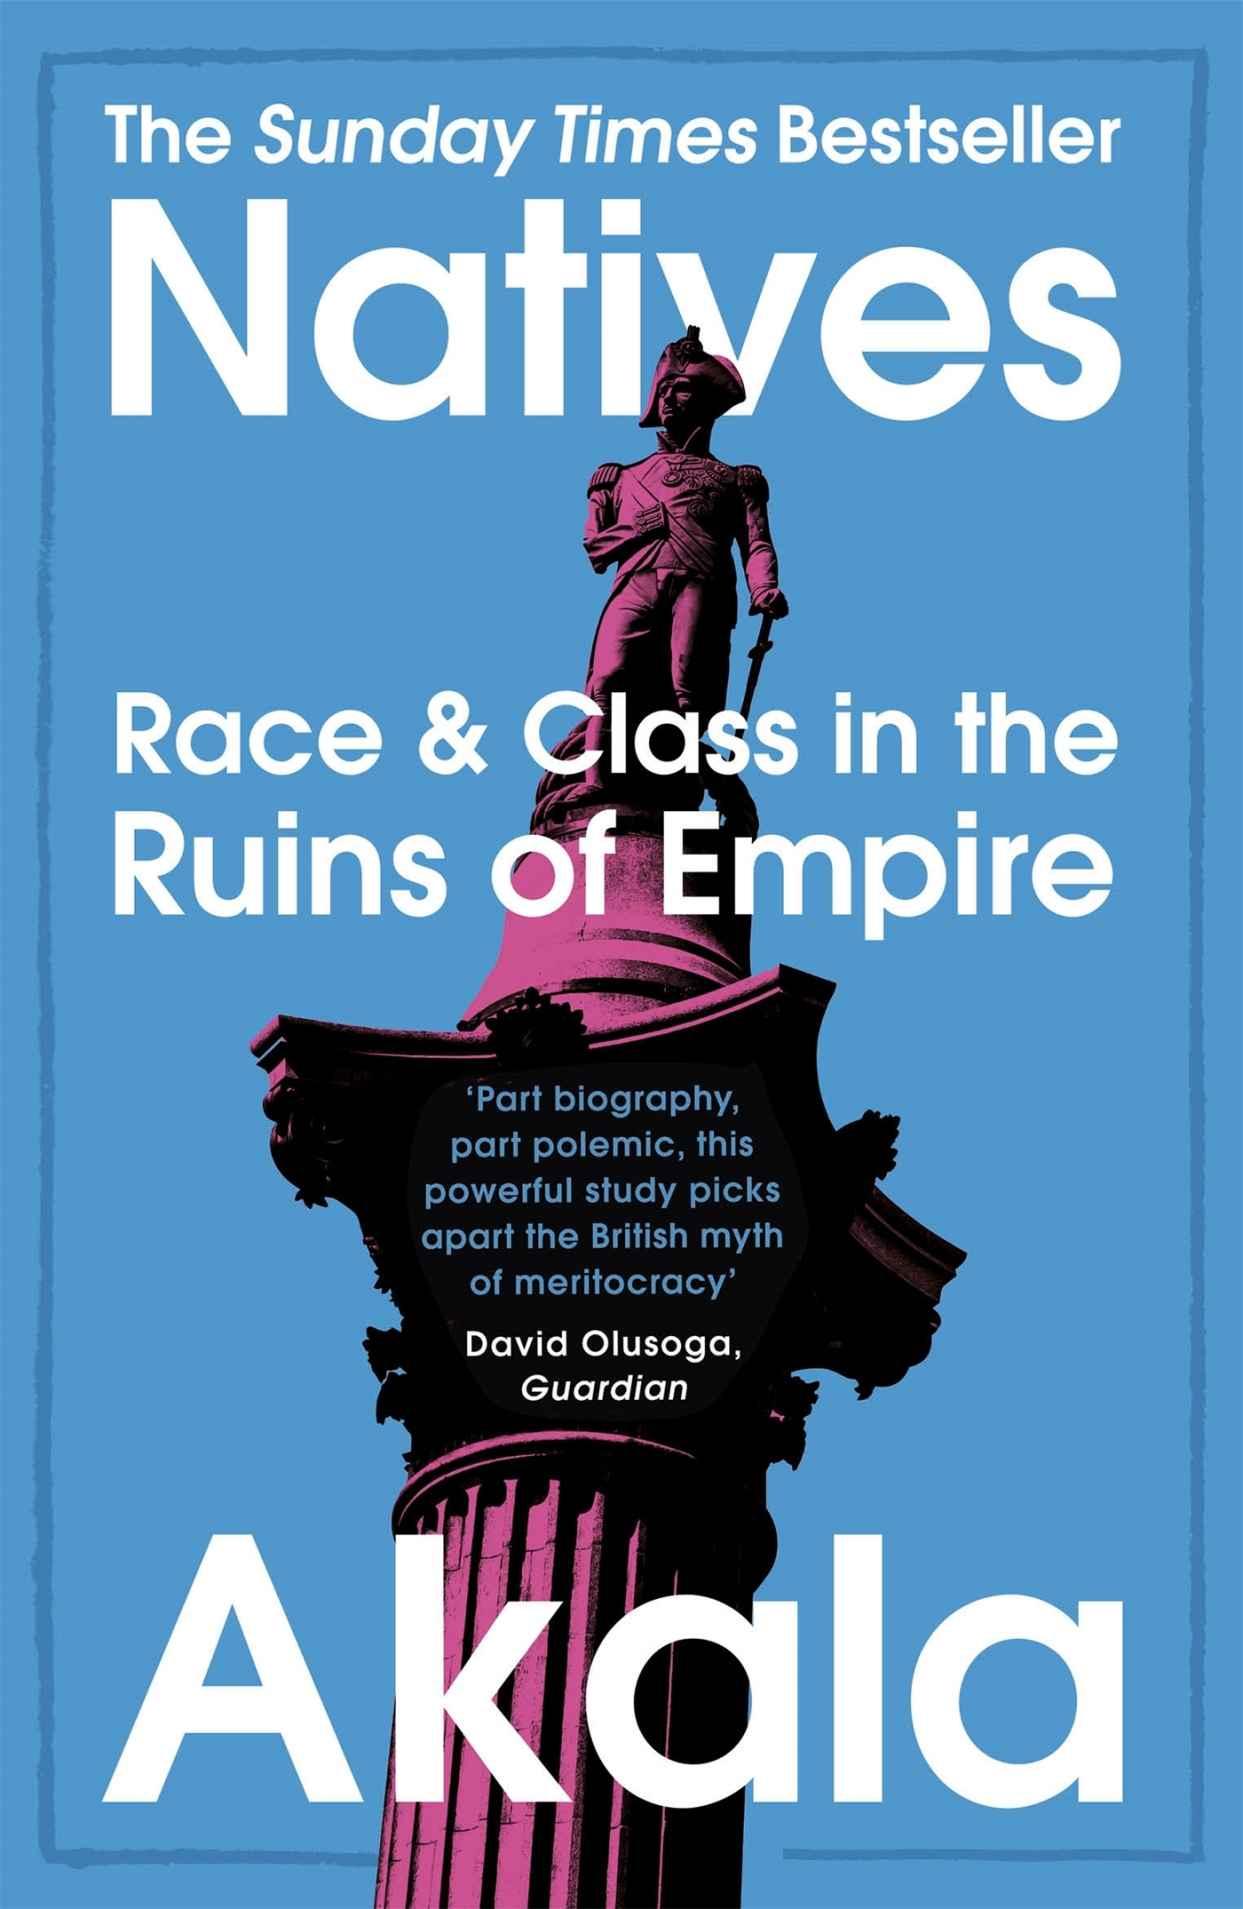 NATIVES by Akala (Kindle Edition) 99p at Amazon